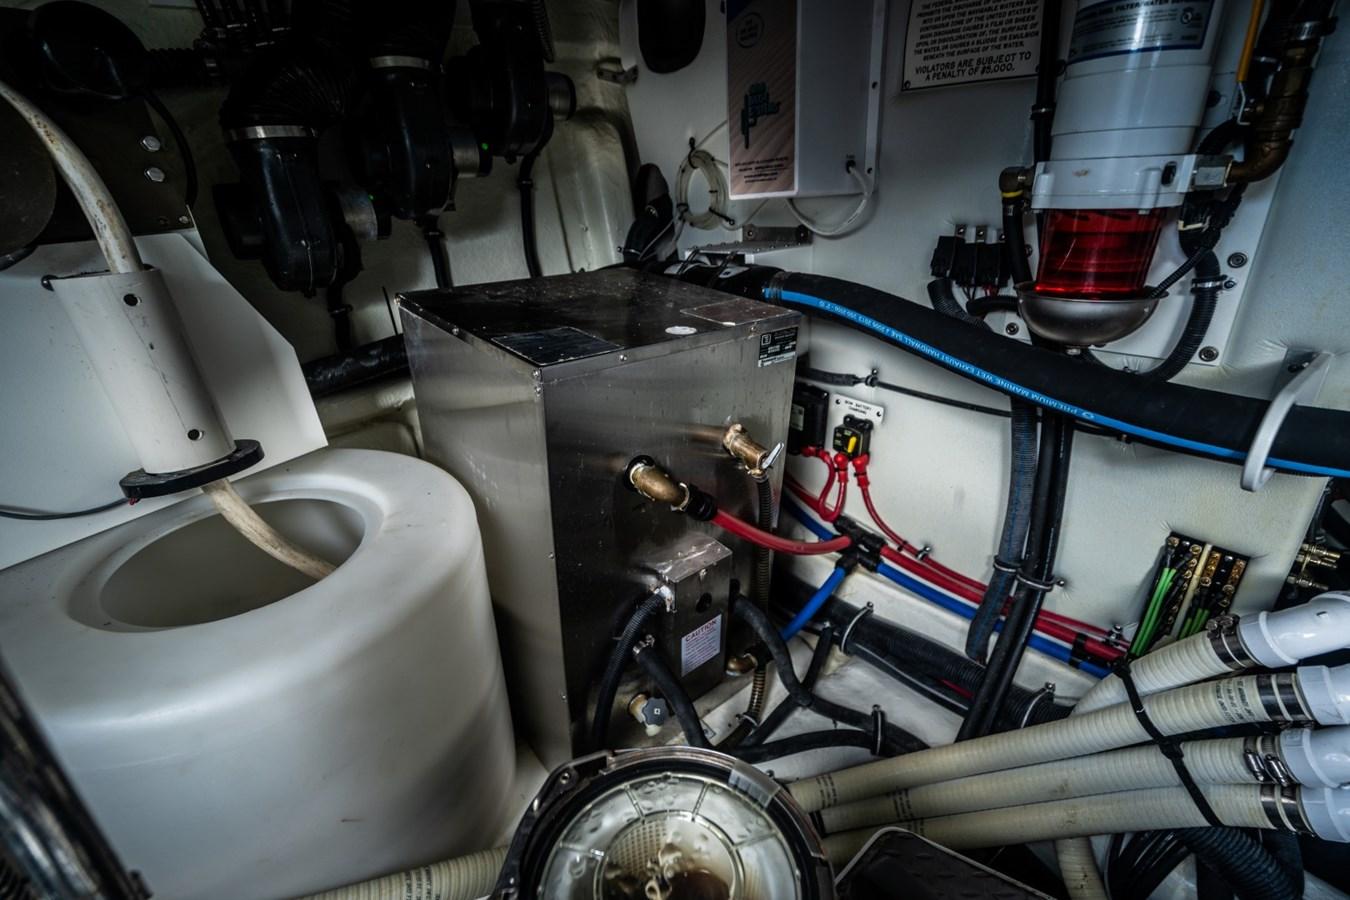 69 2015 FORMULA 45 YACHT Motor Yacht 2737200